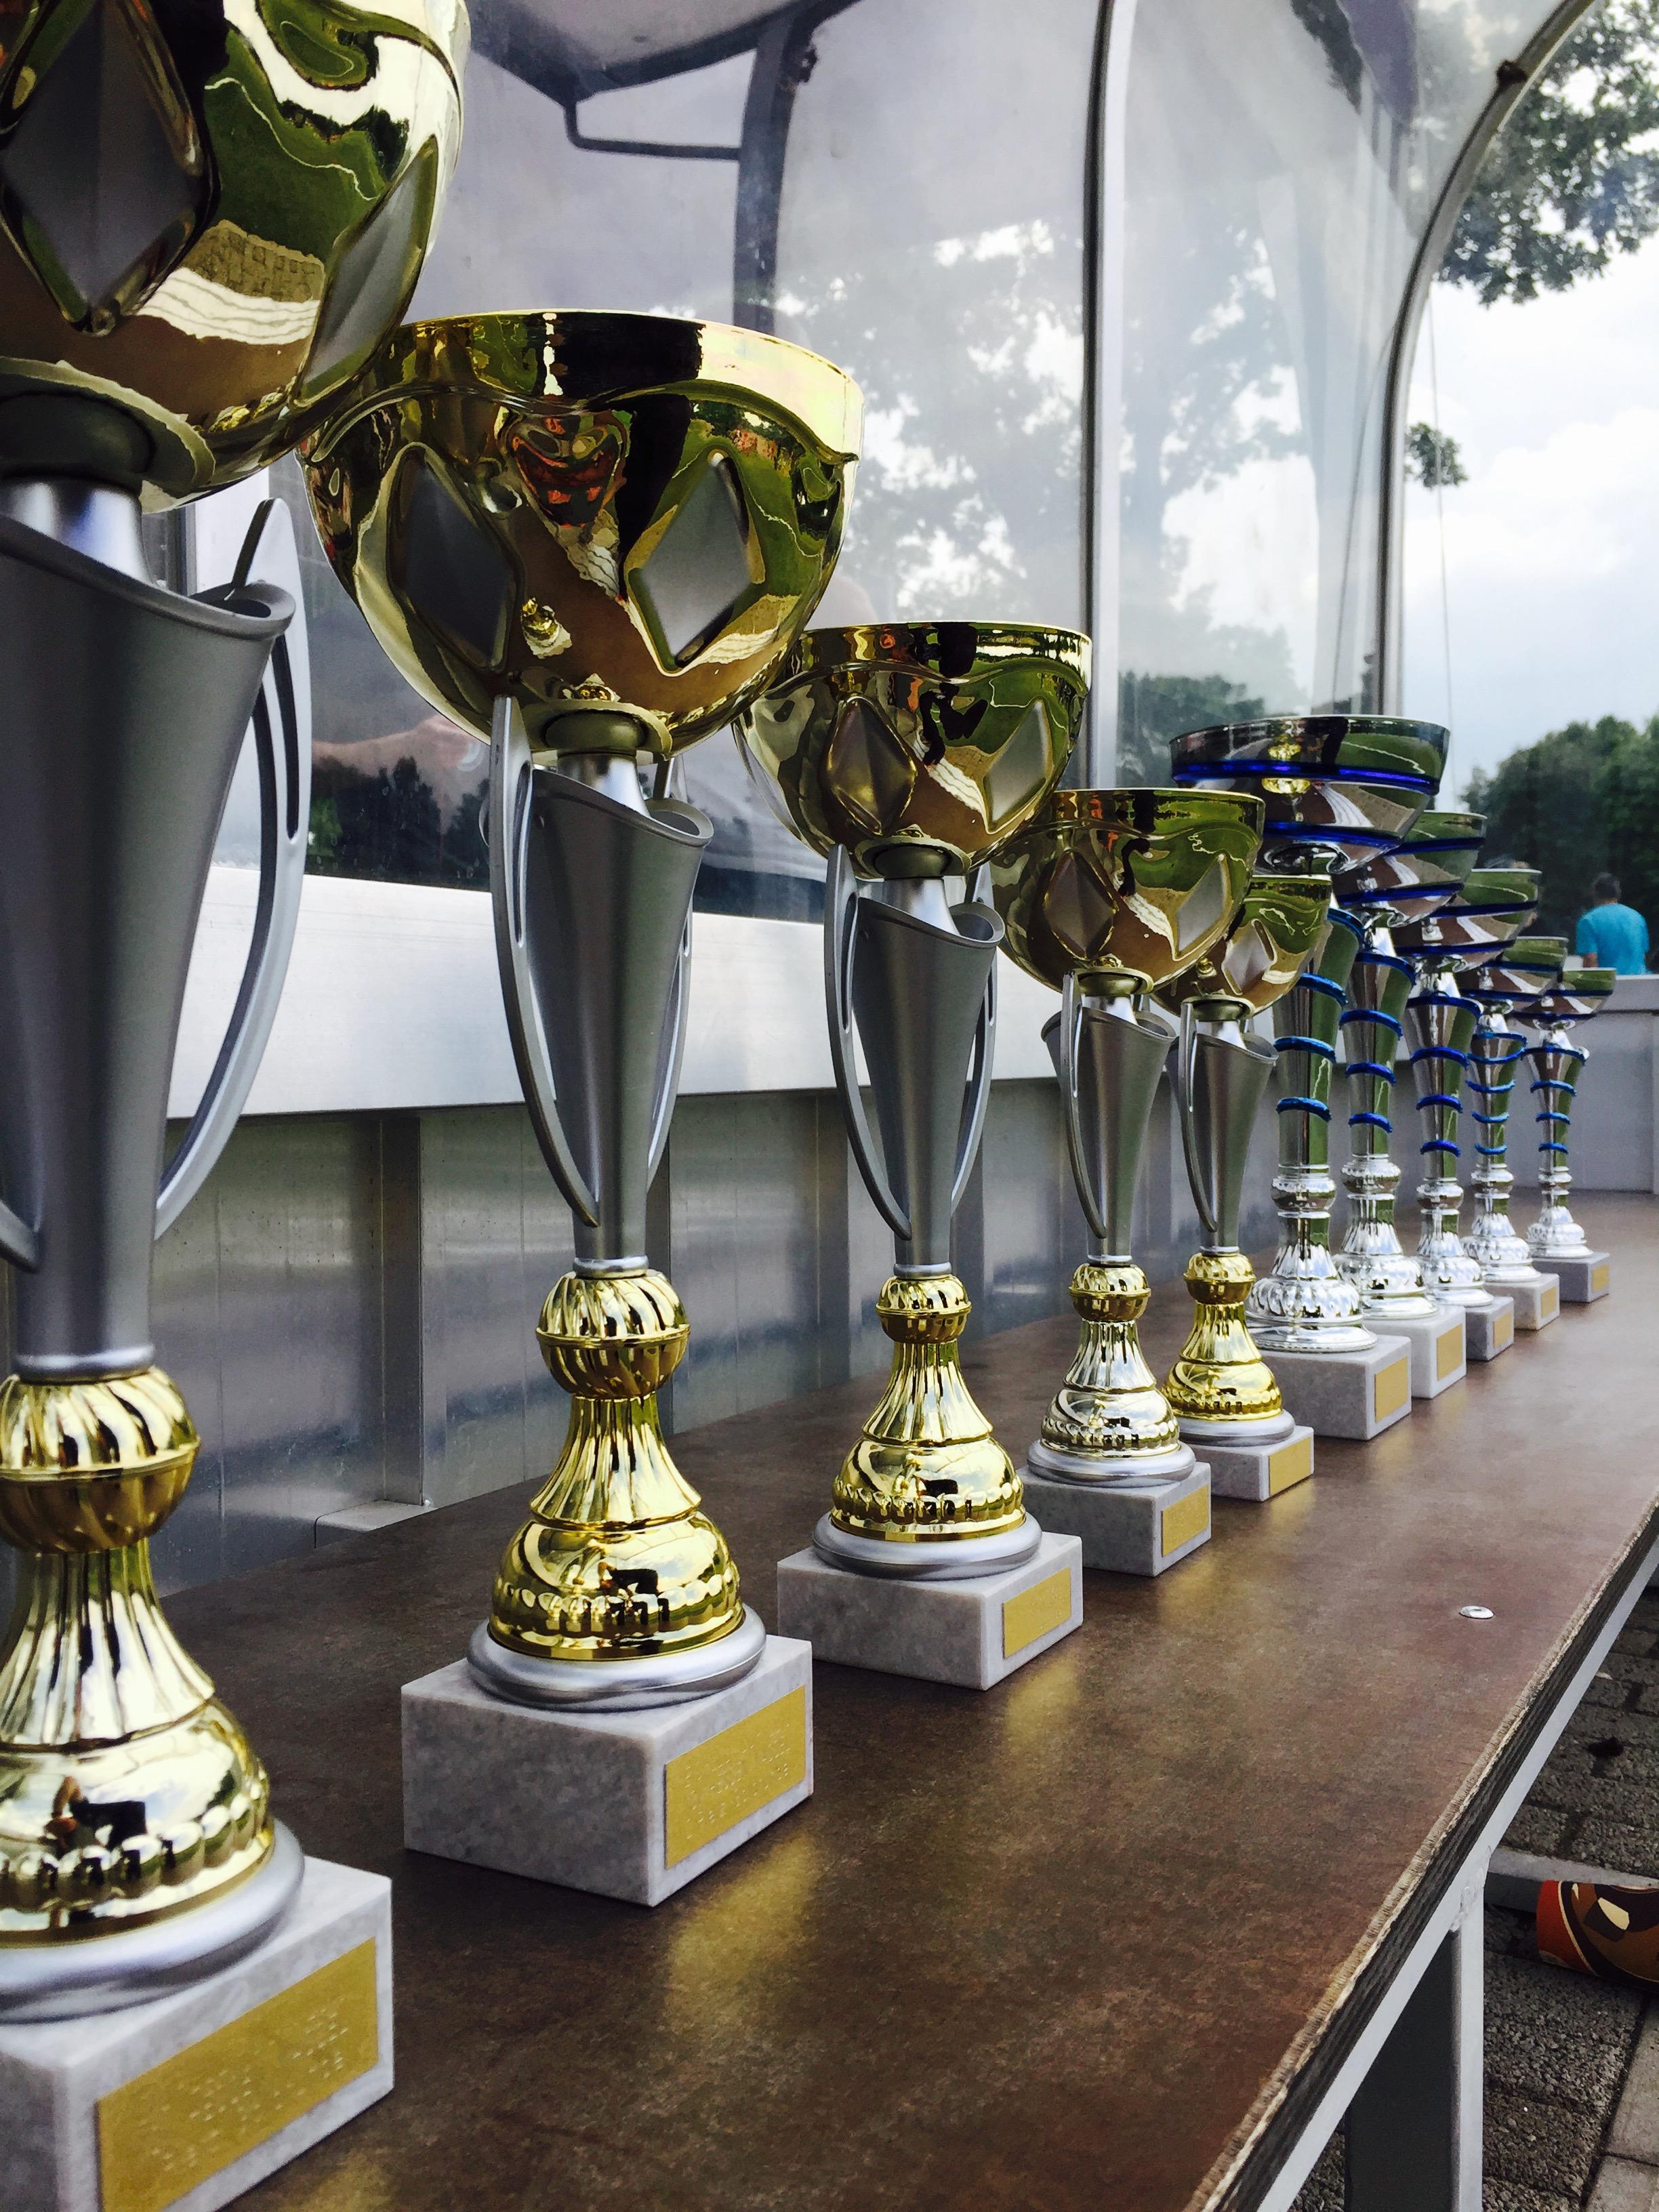 U11 Turnier (1. Eisberg Cup)